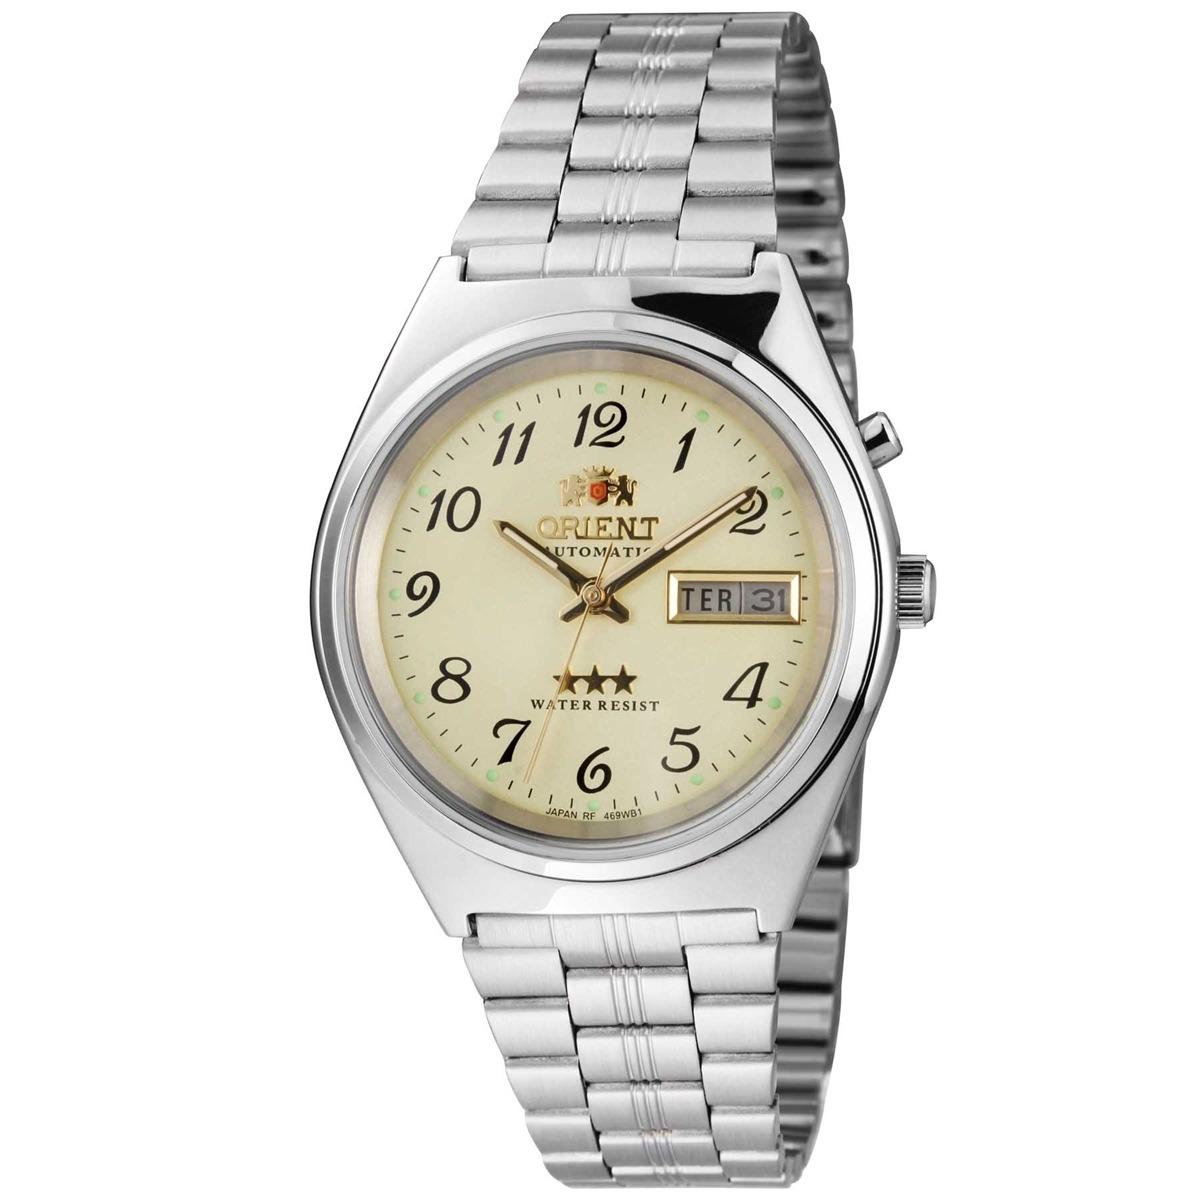 469bcca0f67 relógio orient automático analógico classic masculino 469wb1. Carregando  zoom.